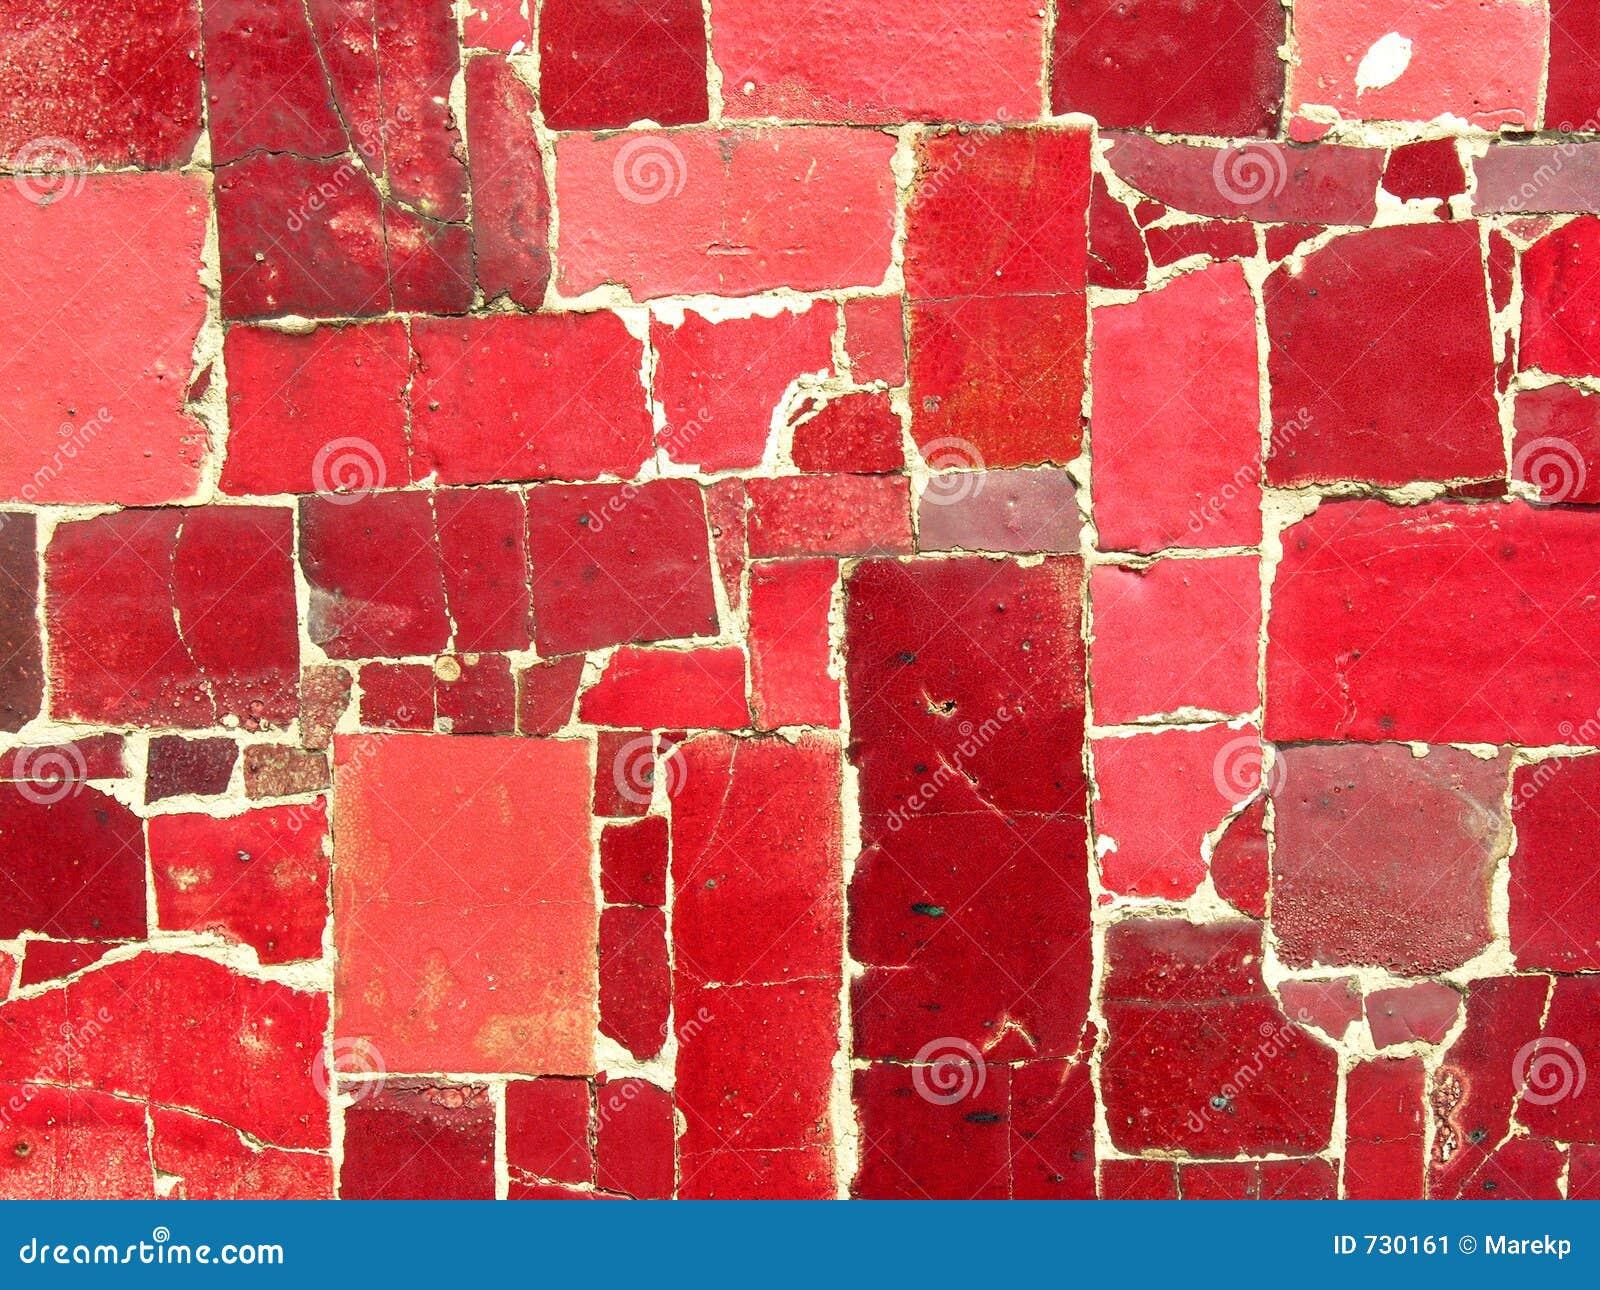 Le rouge couvre de tuiles la mosaïque - configuration faite au hasard